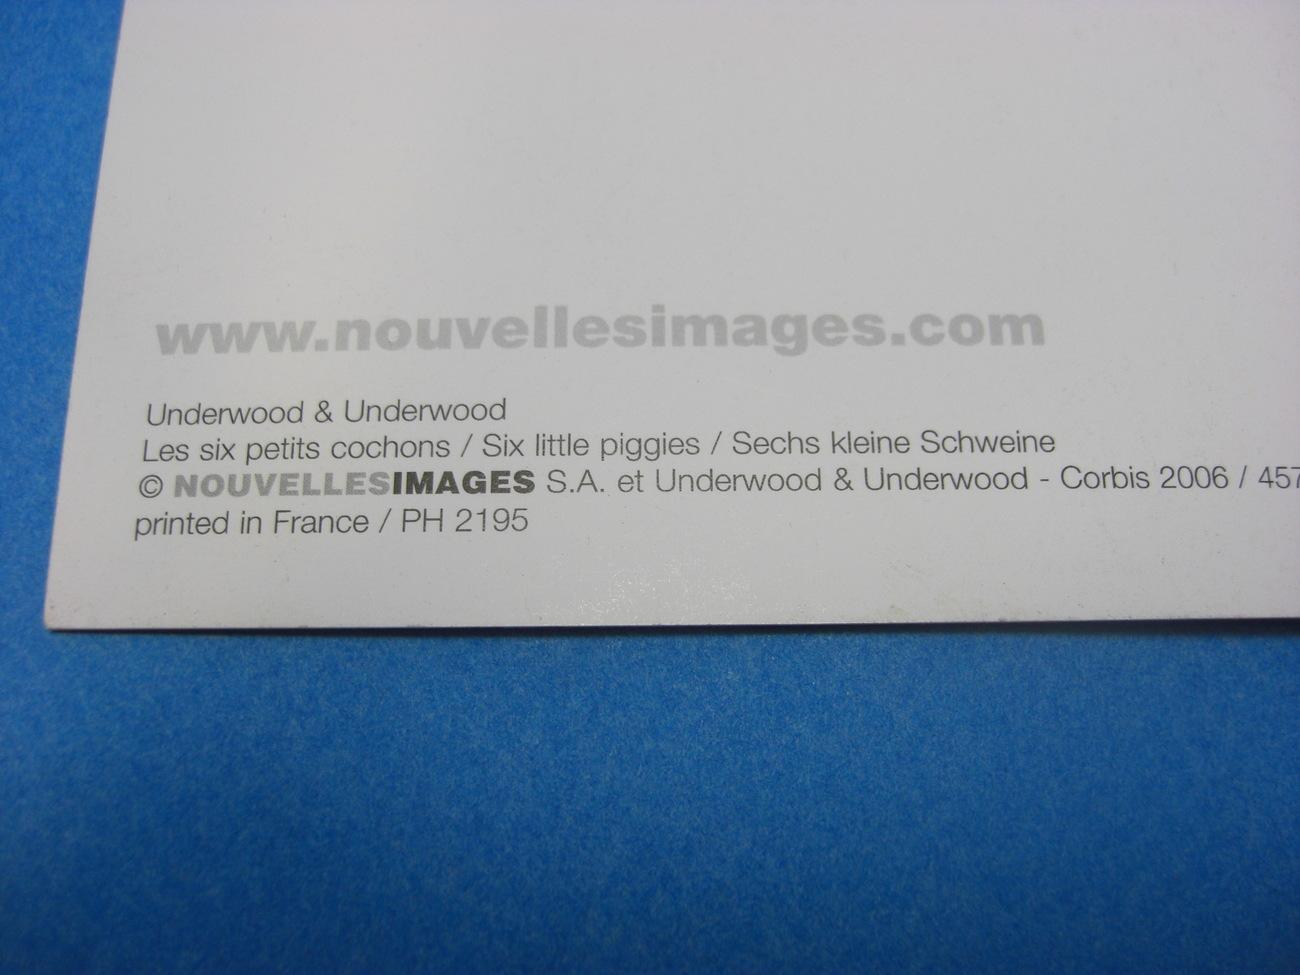 Nouvelles Images SIX LITTLE PIGGIES Postcard by Underwood